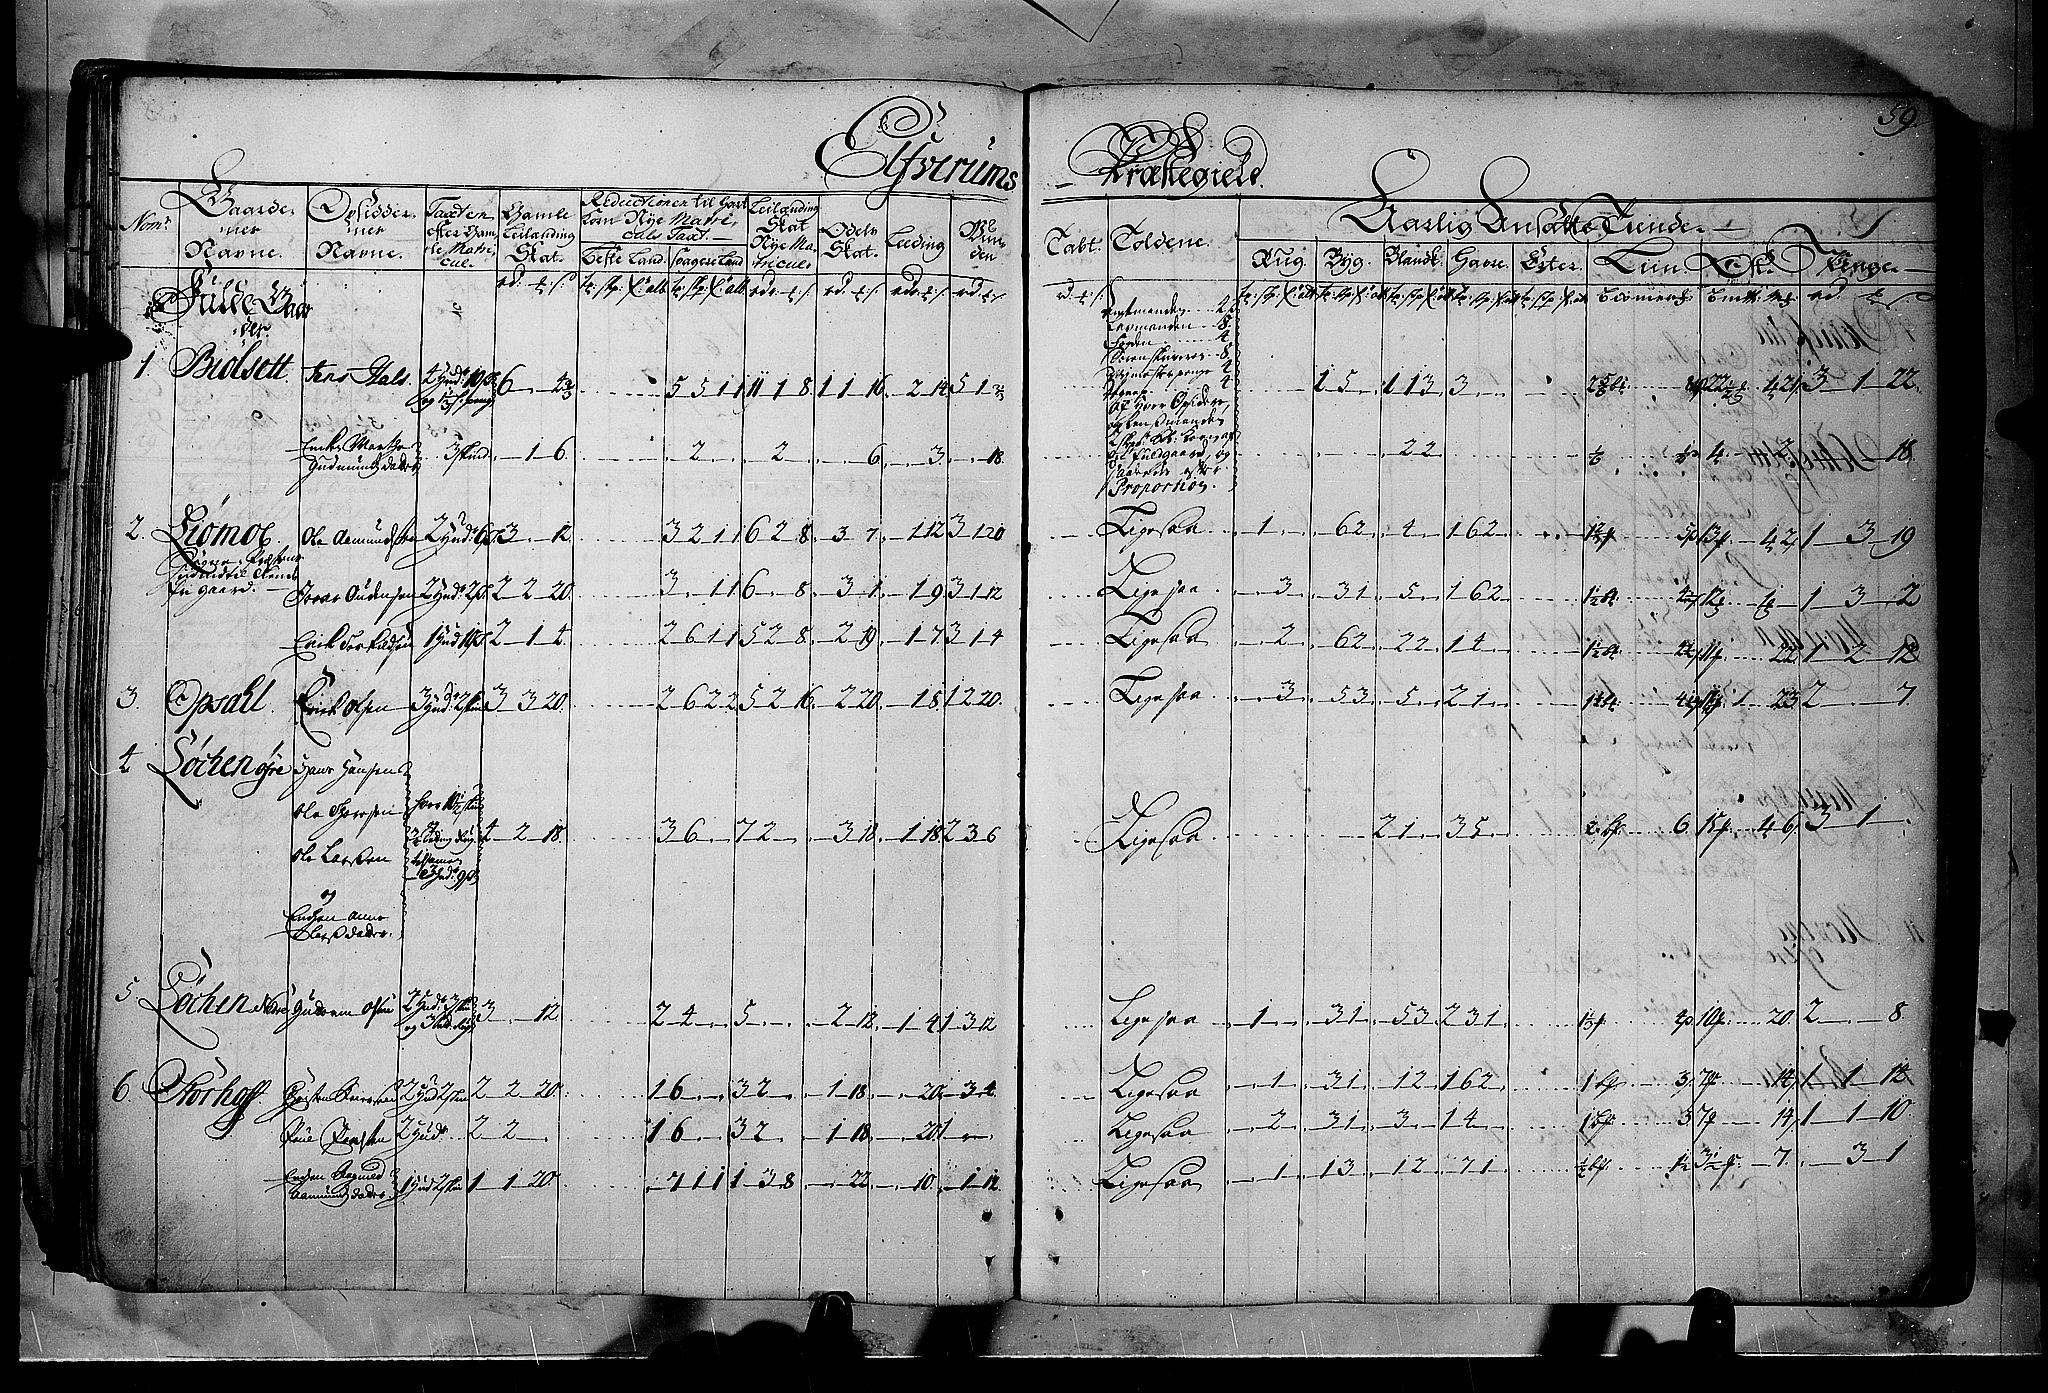 RA, Rentekammeret inntil 1814, Realistisk ordnet avdeling, N/Nb/Nbf/L0102: Solør, Østerdalen og Odal matrikkelprotokoll, 1723, s. 58b-59a